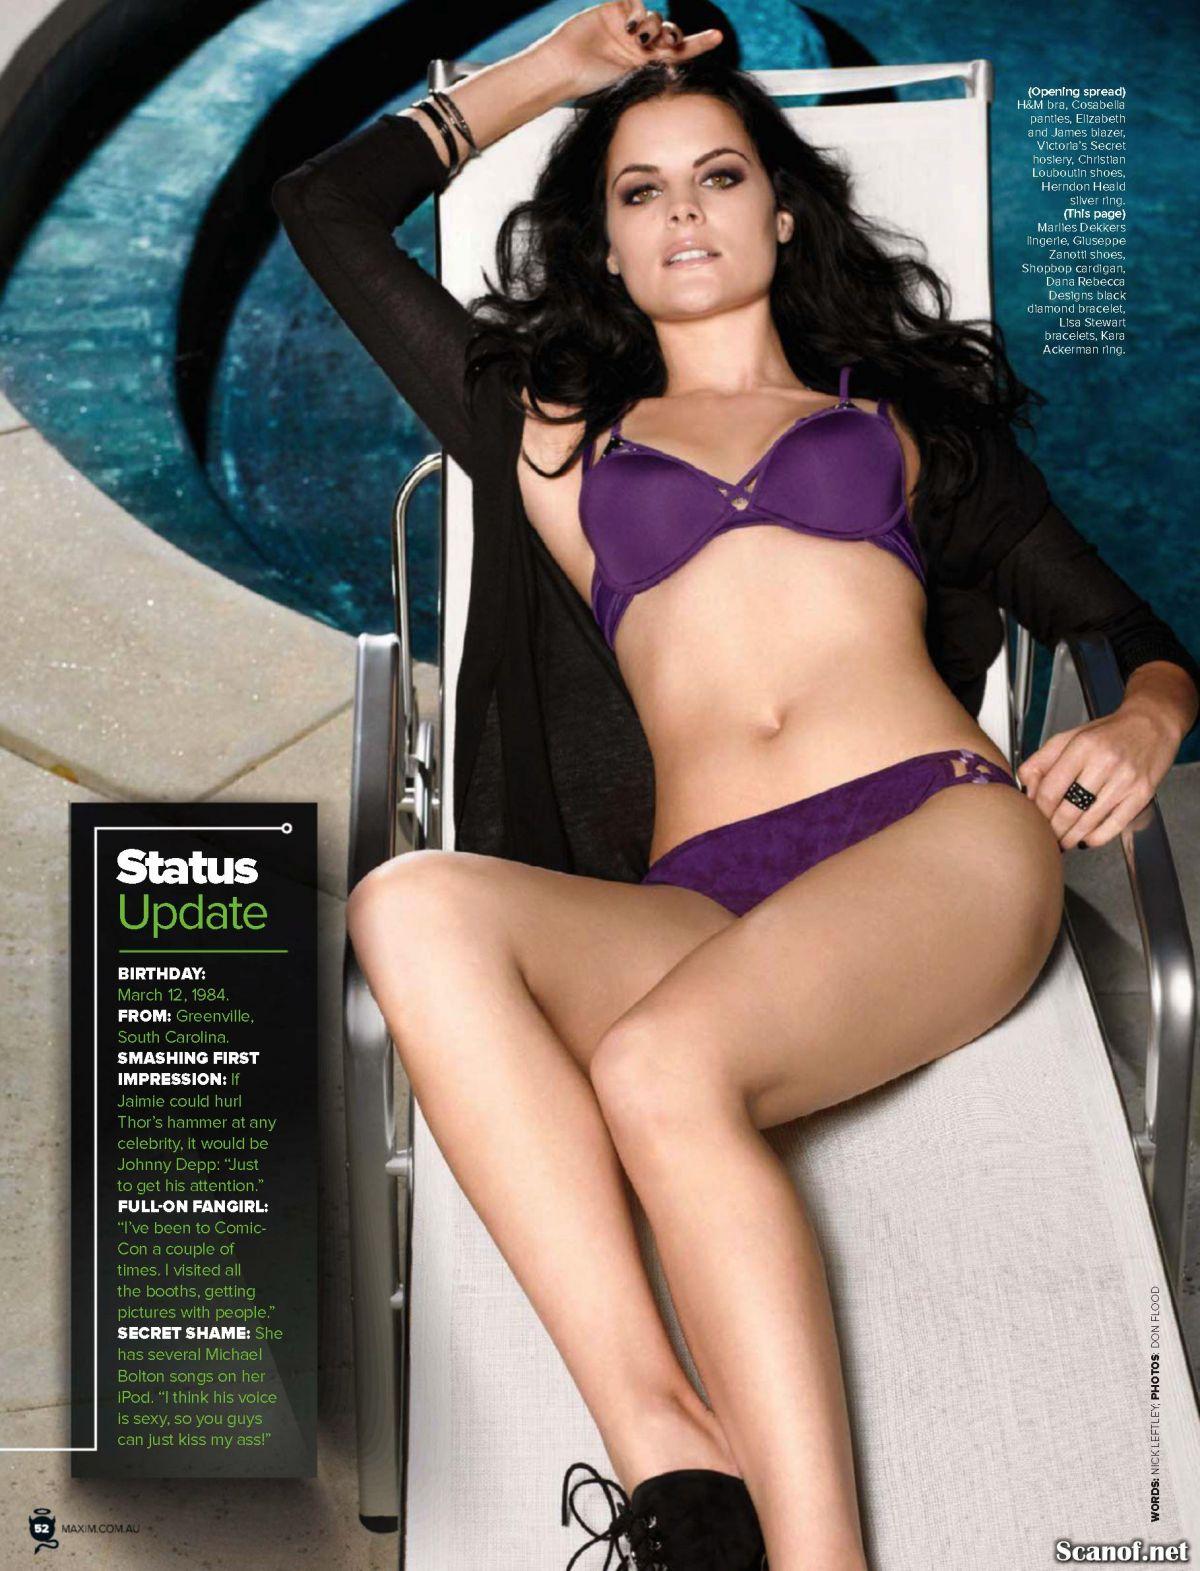 JAIMIE ALEXANDER in Maxim Magazine, March 2014 Issue